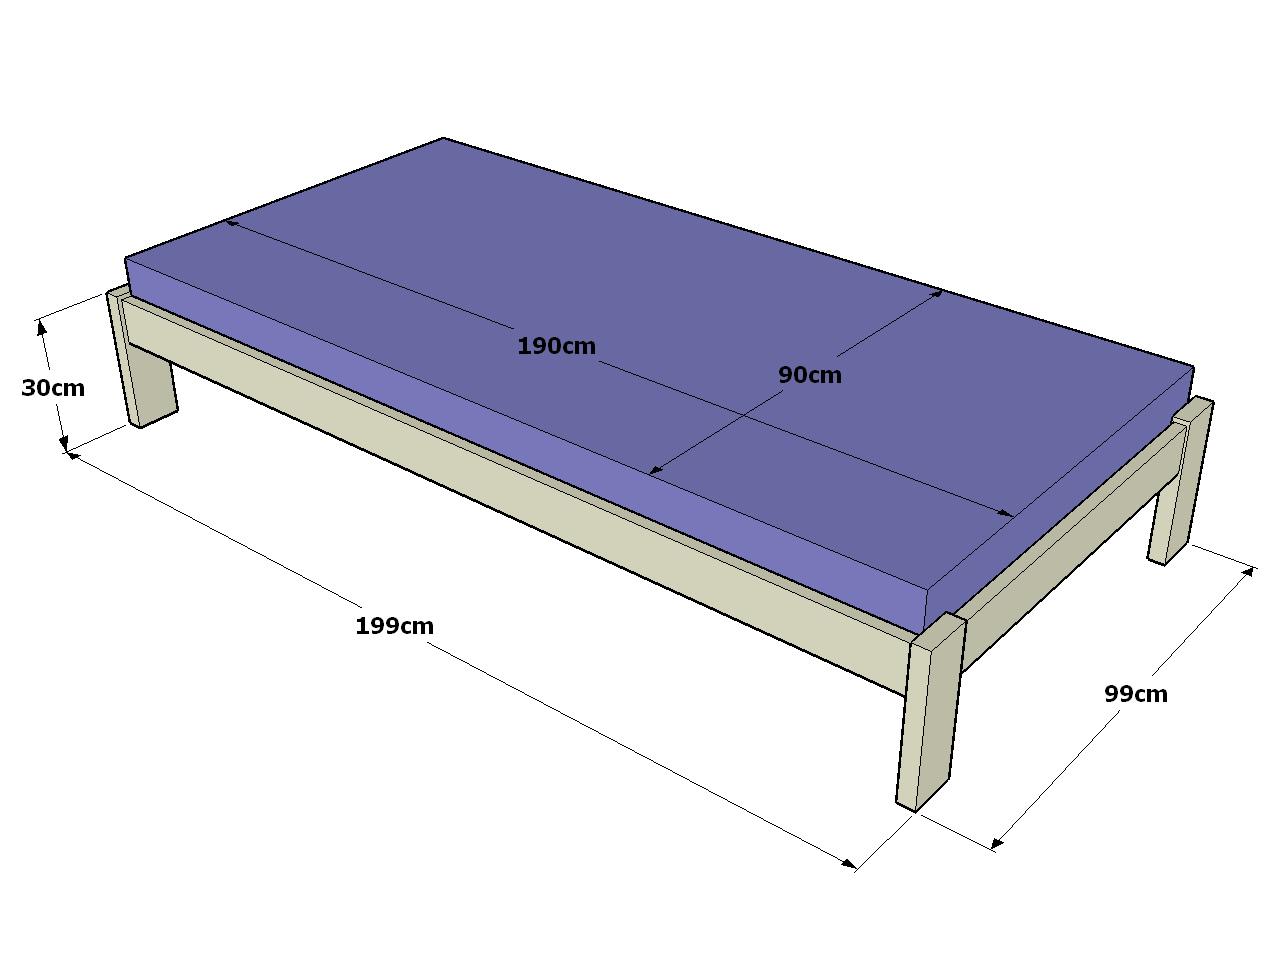 Mis proyectos de herrer a for Dimensiones cama nido